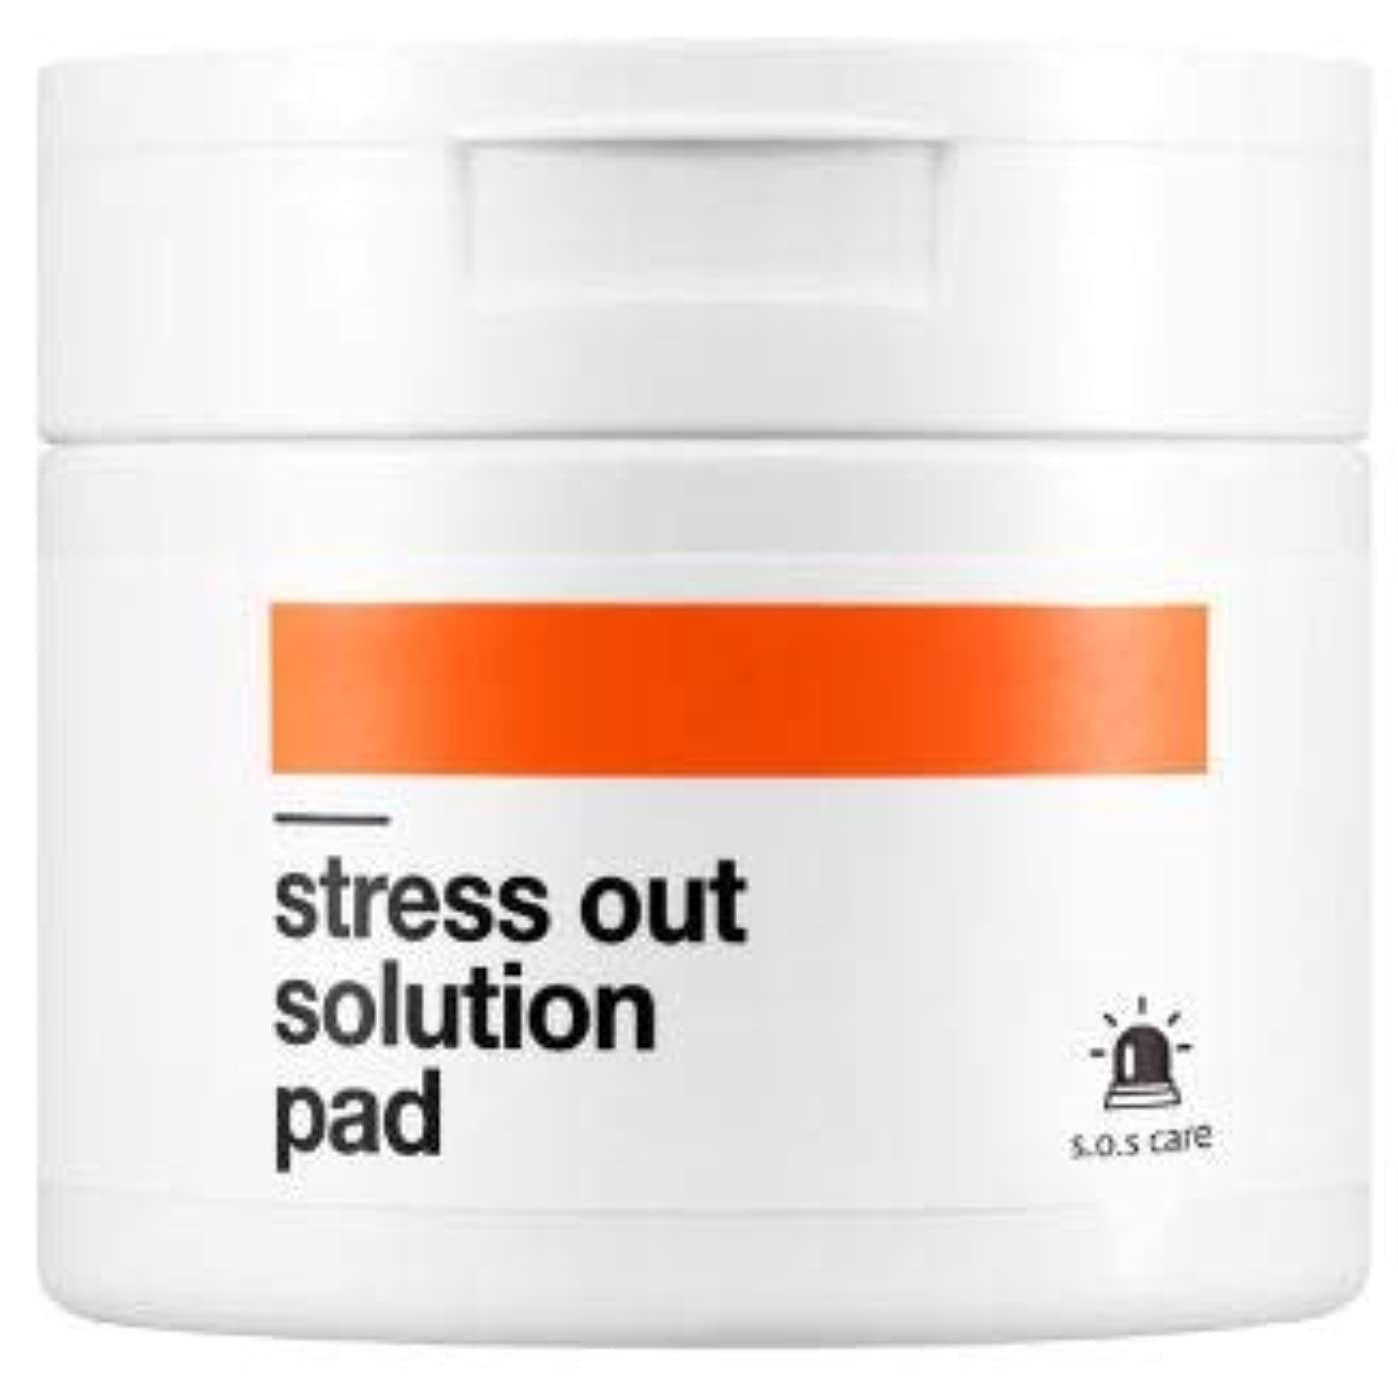 リー記念日熟達した[BELLAMONSTER]? Stress out solution pad #carrot / [ベラモンスター] ストレスアウト ソリューションパッド#ニンジンパッド [並行輸入品]